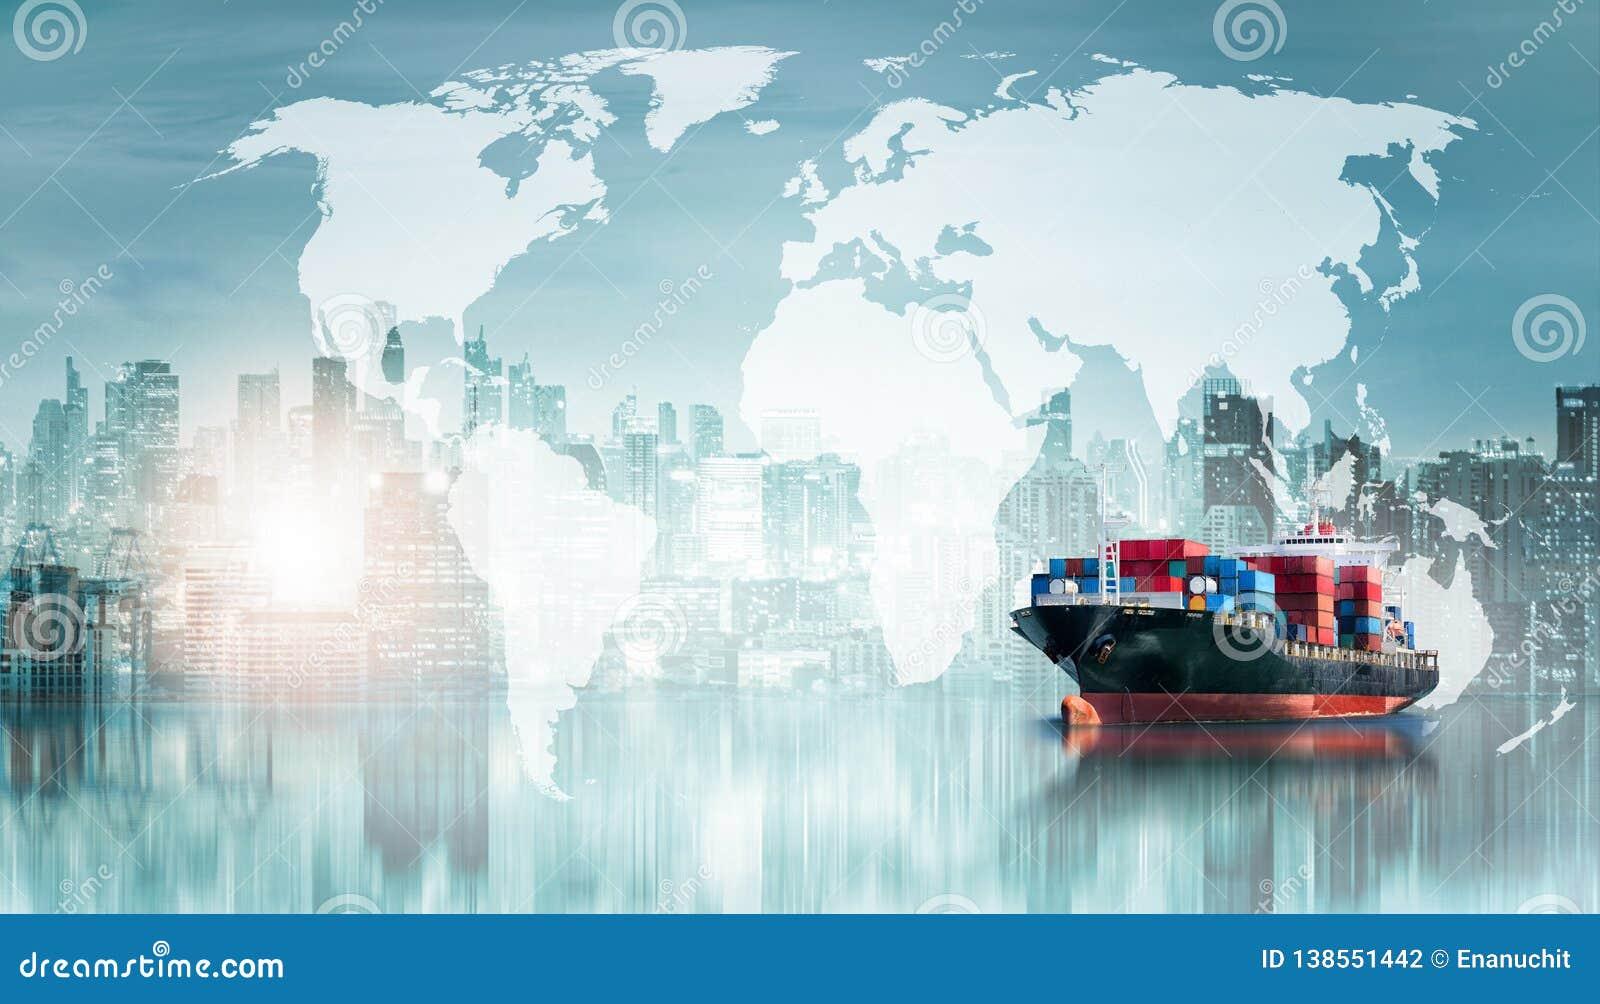 Globaler Unternehmenslogistik-Import-export Hintergrund und Behälterfrachtfrachtschiff